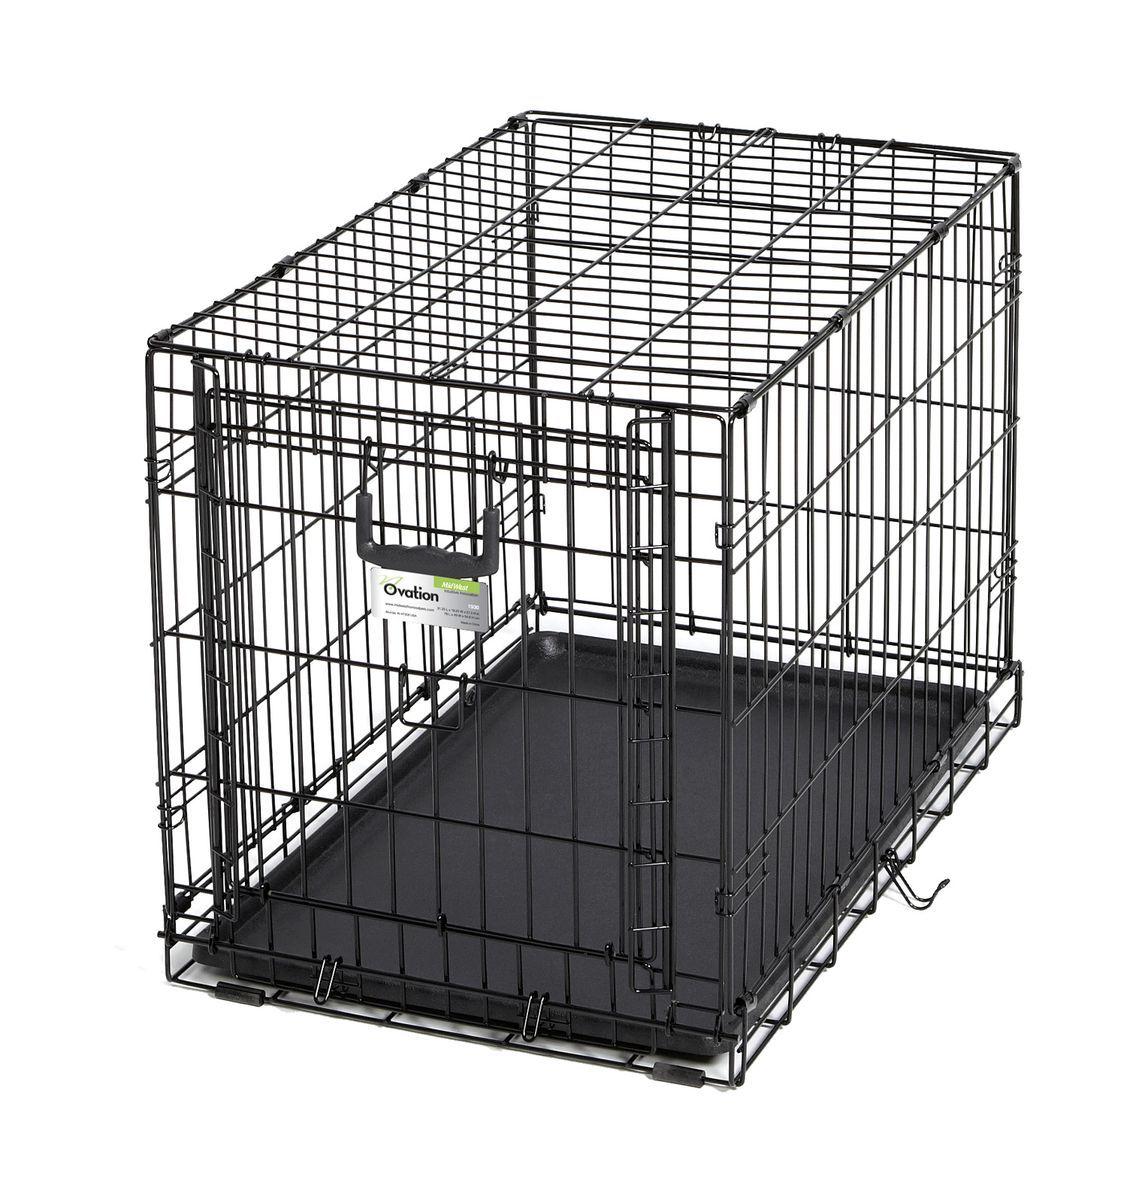 Клетка Midwest Ovation, 1 дверь рельсовая,79 x 49 x 54,6 см1930Клетка для домашних животных Ovation с одной дверью - особо прочная, компактная, с открывающейся вверх дверью. Дверь с запатентованной технологией рельсовой вертикальной системы удобно открывается вверх и размещается на крыше клетки. Это позволяет устранить необходимость в дополнительном пространстве, которое нужно для клеток с откидными дверьми, и максимально предохраняет от открытия животным. В комплект включены: разделяющая панель, пластиковый поддон и специальные пластиковые ручки для удобной транспортировки клетки в сложенном виде. Закругленная угловая защита клетки обеспечивает безопасность питомцам и людям и не повреждает поверхность, на которой размещается. Разделяющая панель позволяет создавать универсальные отсеки. Поддон из композитного пластика легко моется. Клетка легко устанавливается и складывается без использования инструментов. В сложенном виде занимает мало места.br> Размер клетки - 79х49х54,6h см. Вес - 8 кг. (9,1кг с коробкой). Цвет клетки - черный.